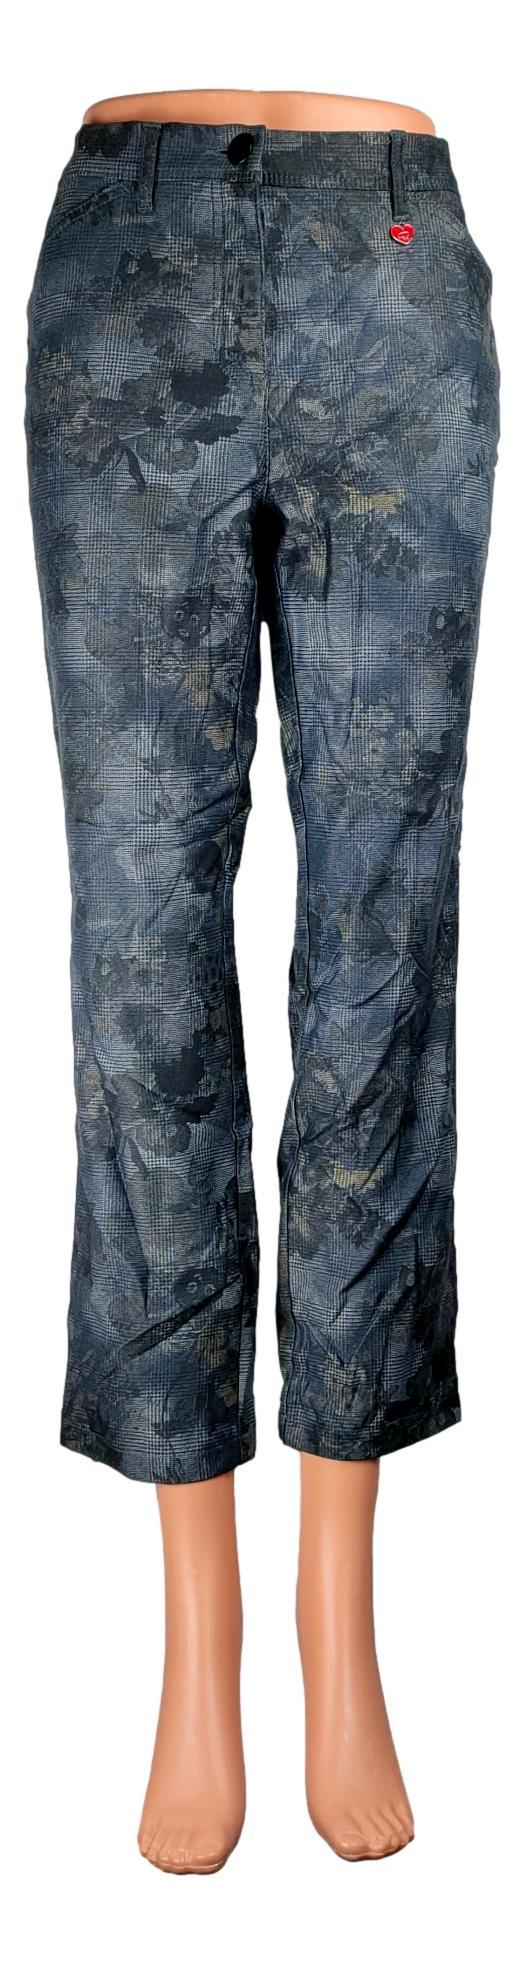 Pantalon Toni Dress - Taille 40